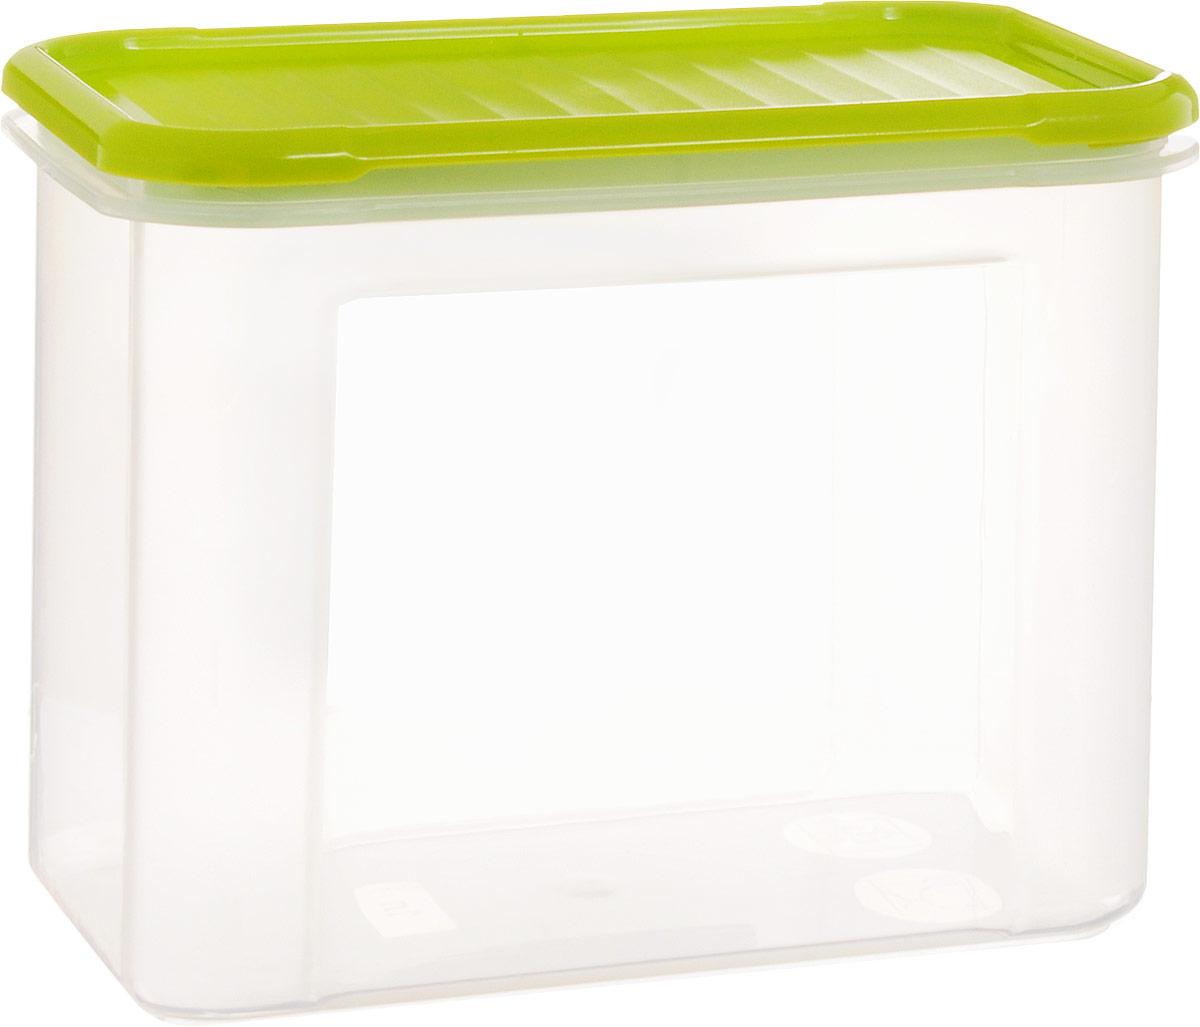 Банка для сыпучих продуктов Giaretti Krupa, цвет: оливковый, прозрачный, 1 лGR2232ОЛБанка для сыпучих продуктов Giaretti Krupa предназначена для хранения круп, сахара, макаронных изделий, сладостей и тому подобного, в том числе для продуктов с ярким ароматом (специи и прочего). Строгая прямоугольная форма банки поможет вам организовать пространство максимально комфортно, не теряя полезную площадь. При этом банка устанавливаются одна на другую, что способствует экономии пространства в вашем шкафу. Плотная крышка не пропускает запахи, и они не смешиваются в вашем шкафу.Размеры контейнера (с учетом крышки): 16 х 8,5 х 12,5 см.